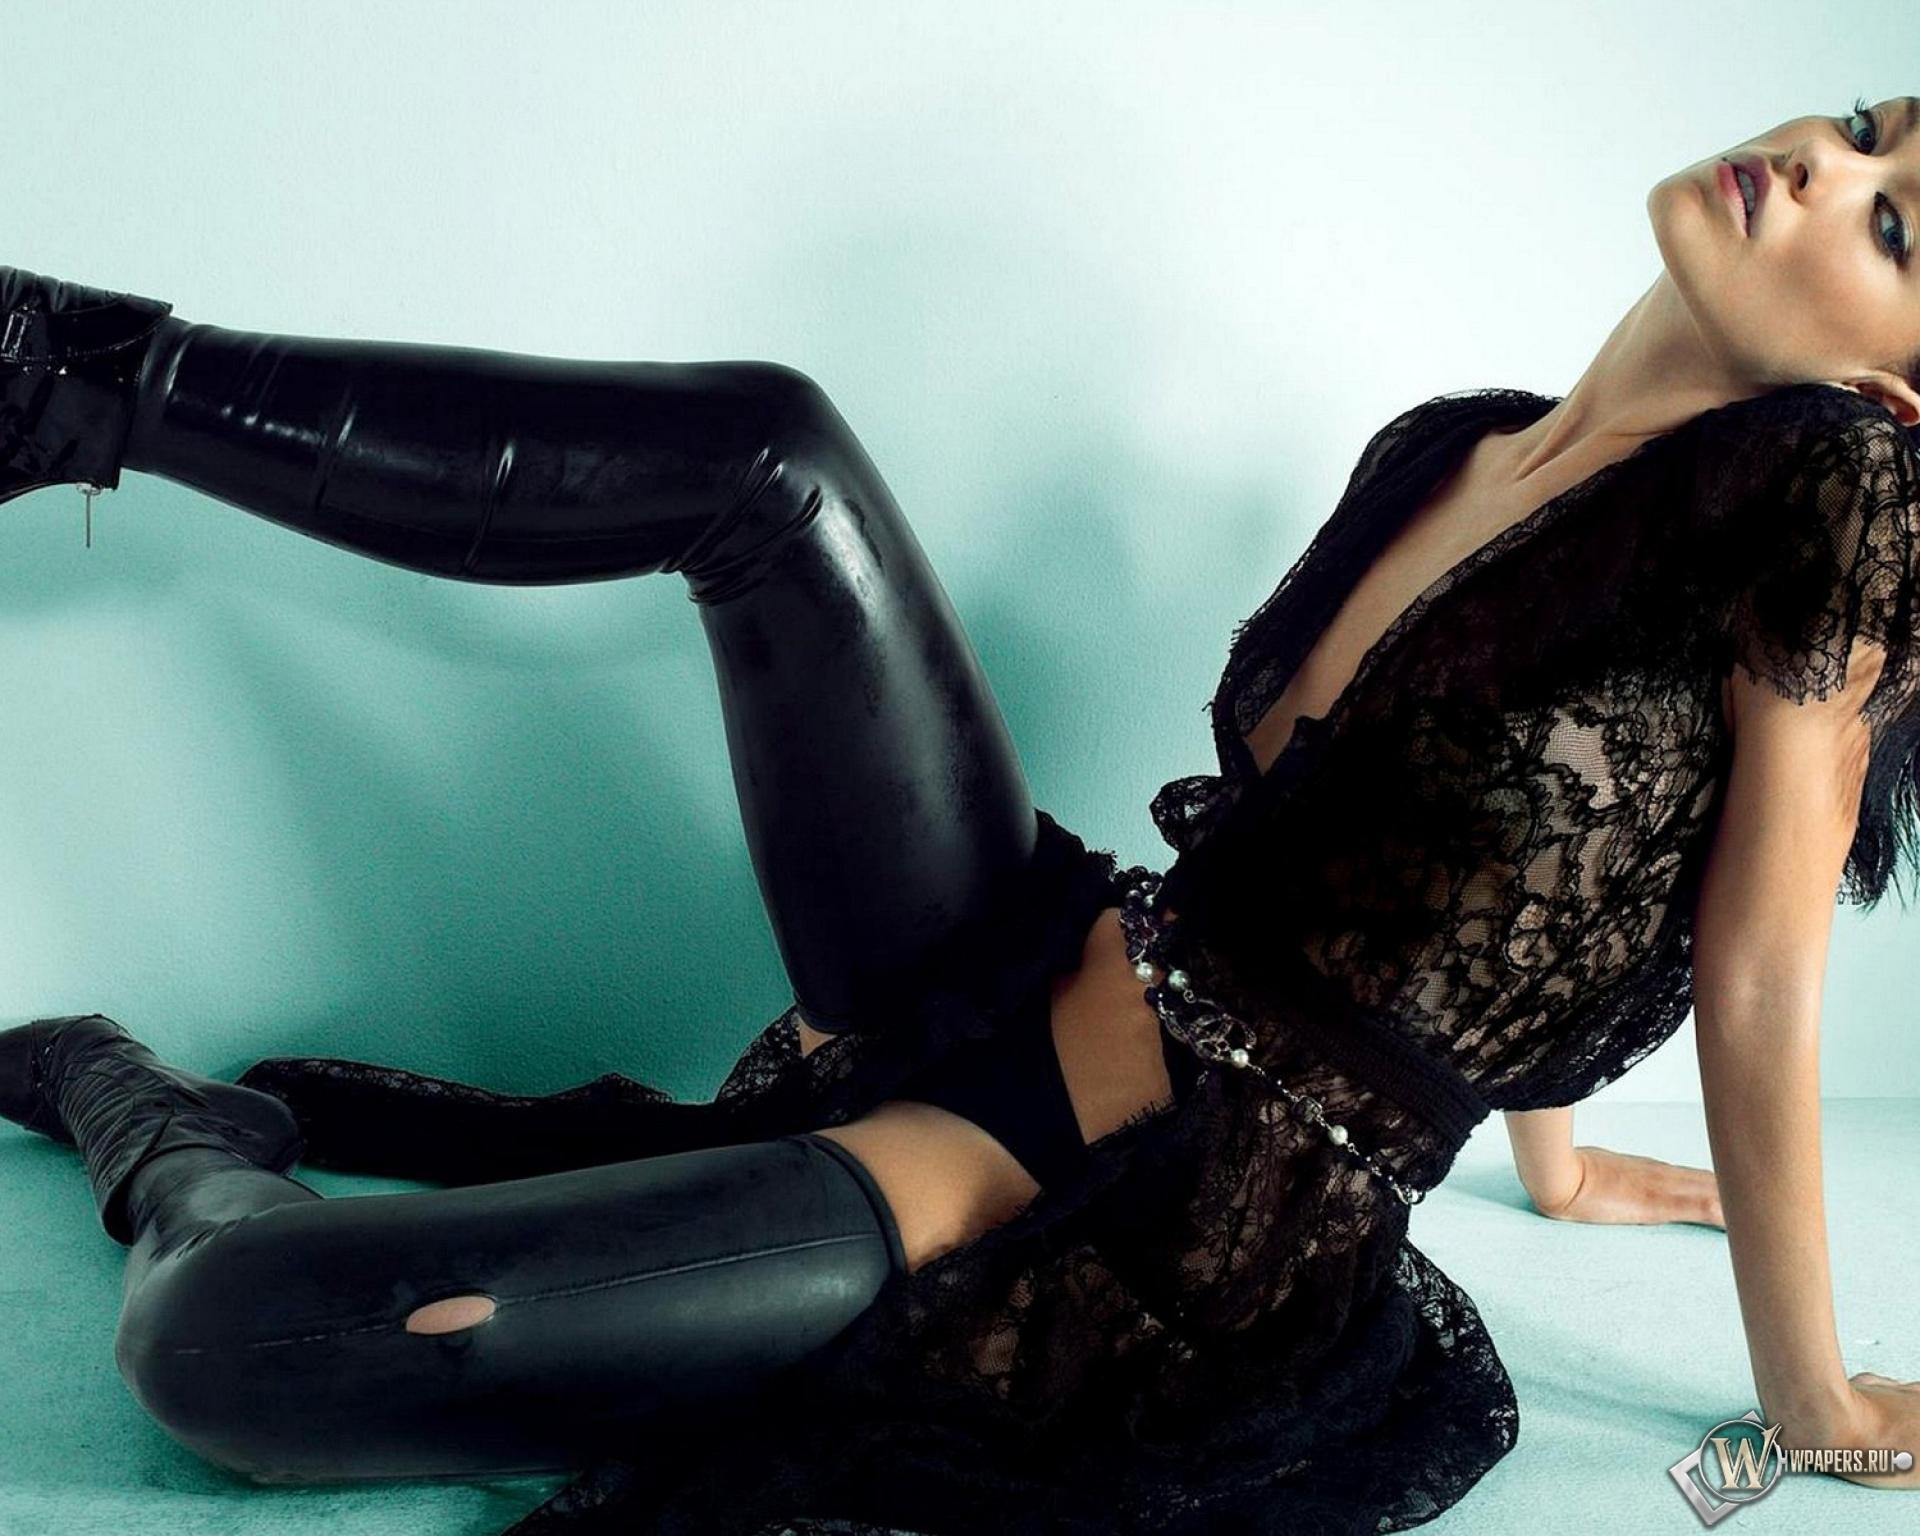 Сексуальные девушка в чёрном кожаном плаще фото 9 фотография